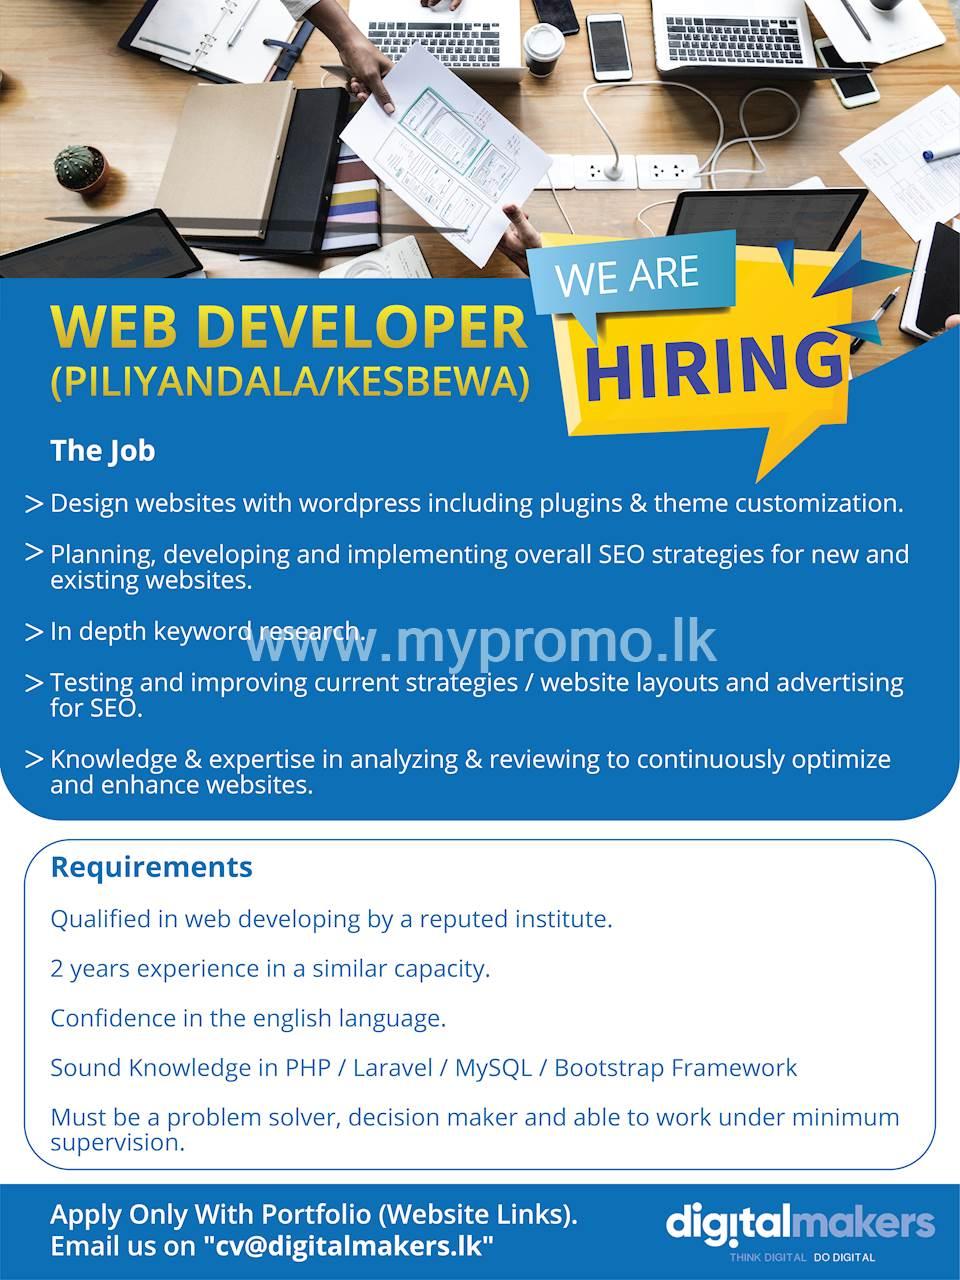 Web Developer (Piliyandala / Kesbewa)